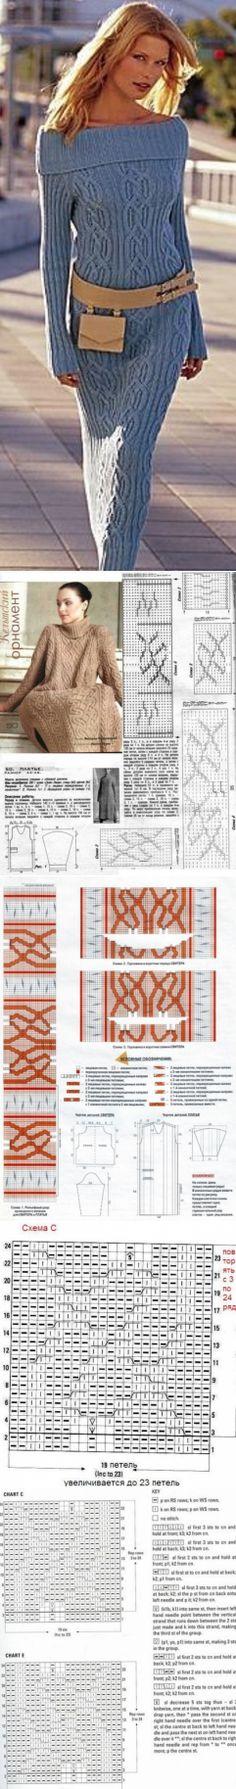 Платье кельтскими узорами схемы. Кельтские узоры вязание спицами схемы |